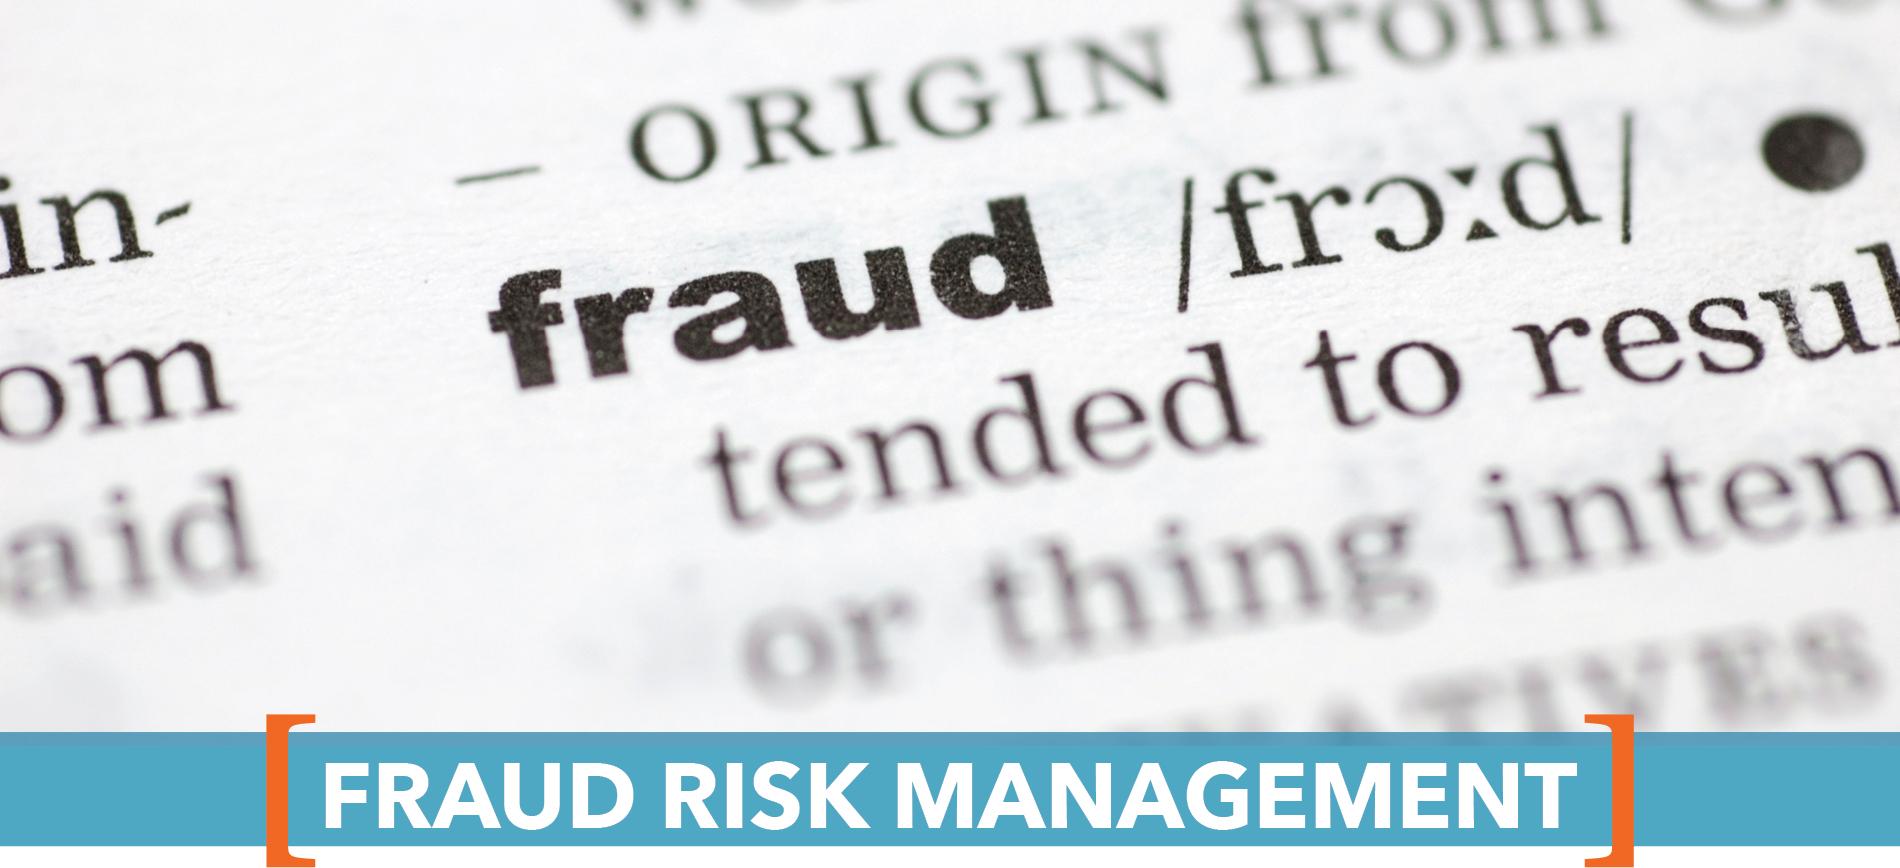 FraudRiskManagementSmall